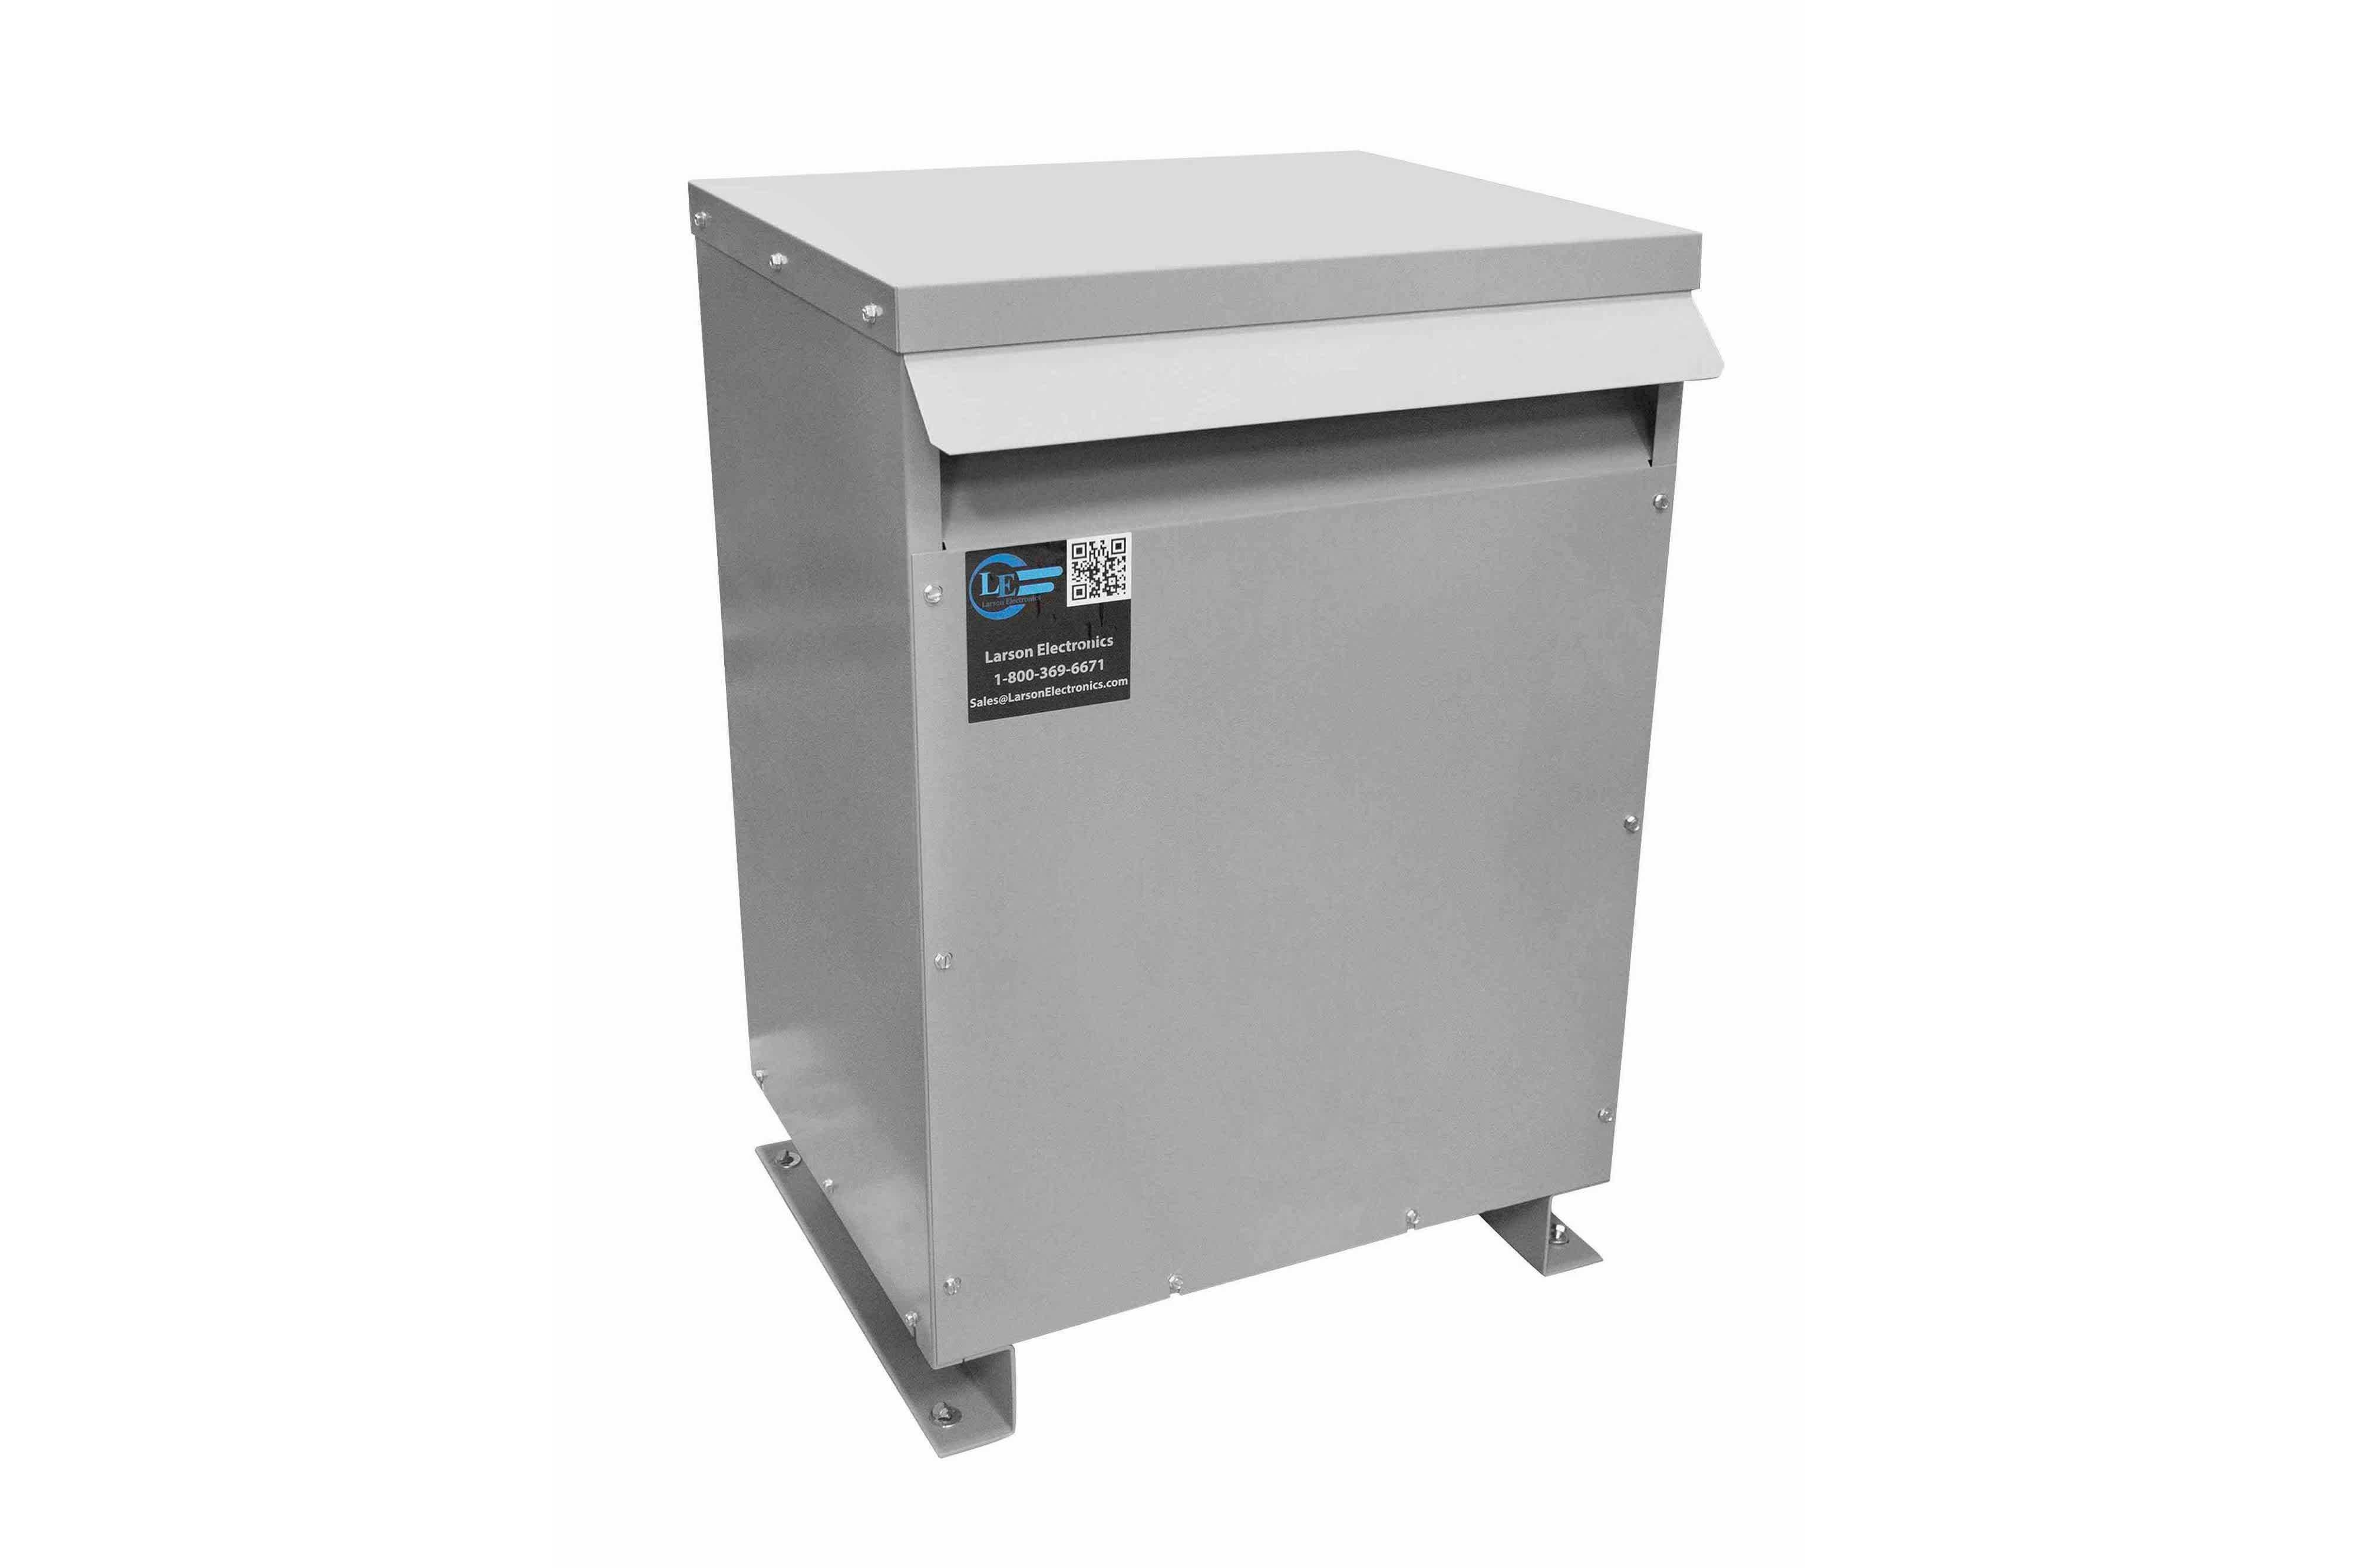 70 kVA 3PH Isolation Transformer, 380V Delta Primary, 240 Delta Secondary, N3R, Ventilated, 60 Hz